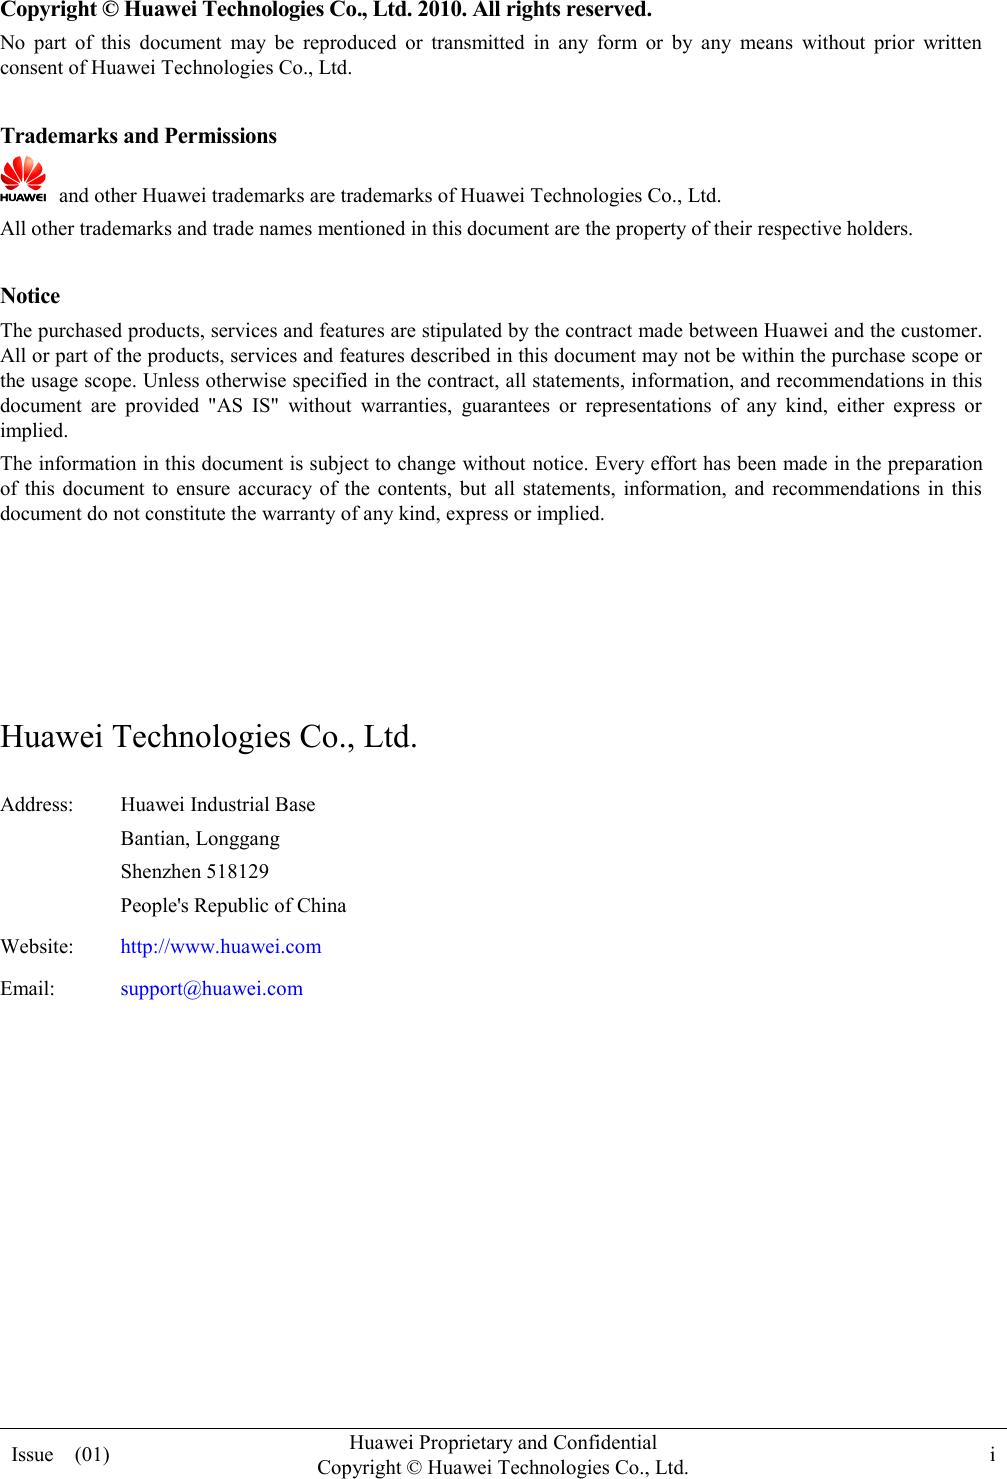 huawei p10 user manual pdf